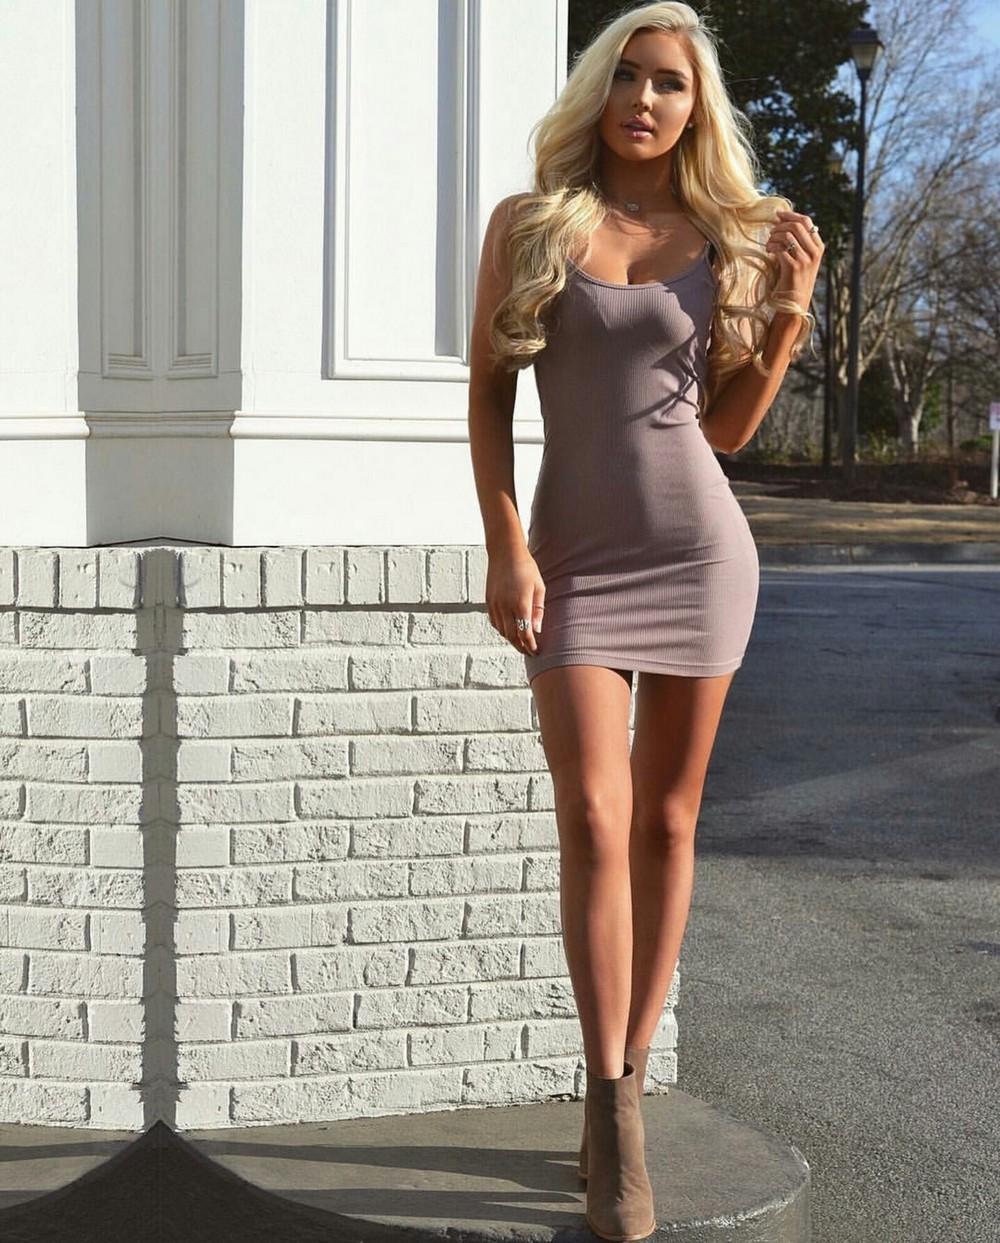 Фото русских девушек в сексуальных платьях